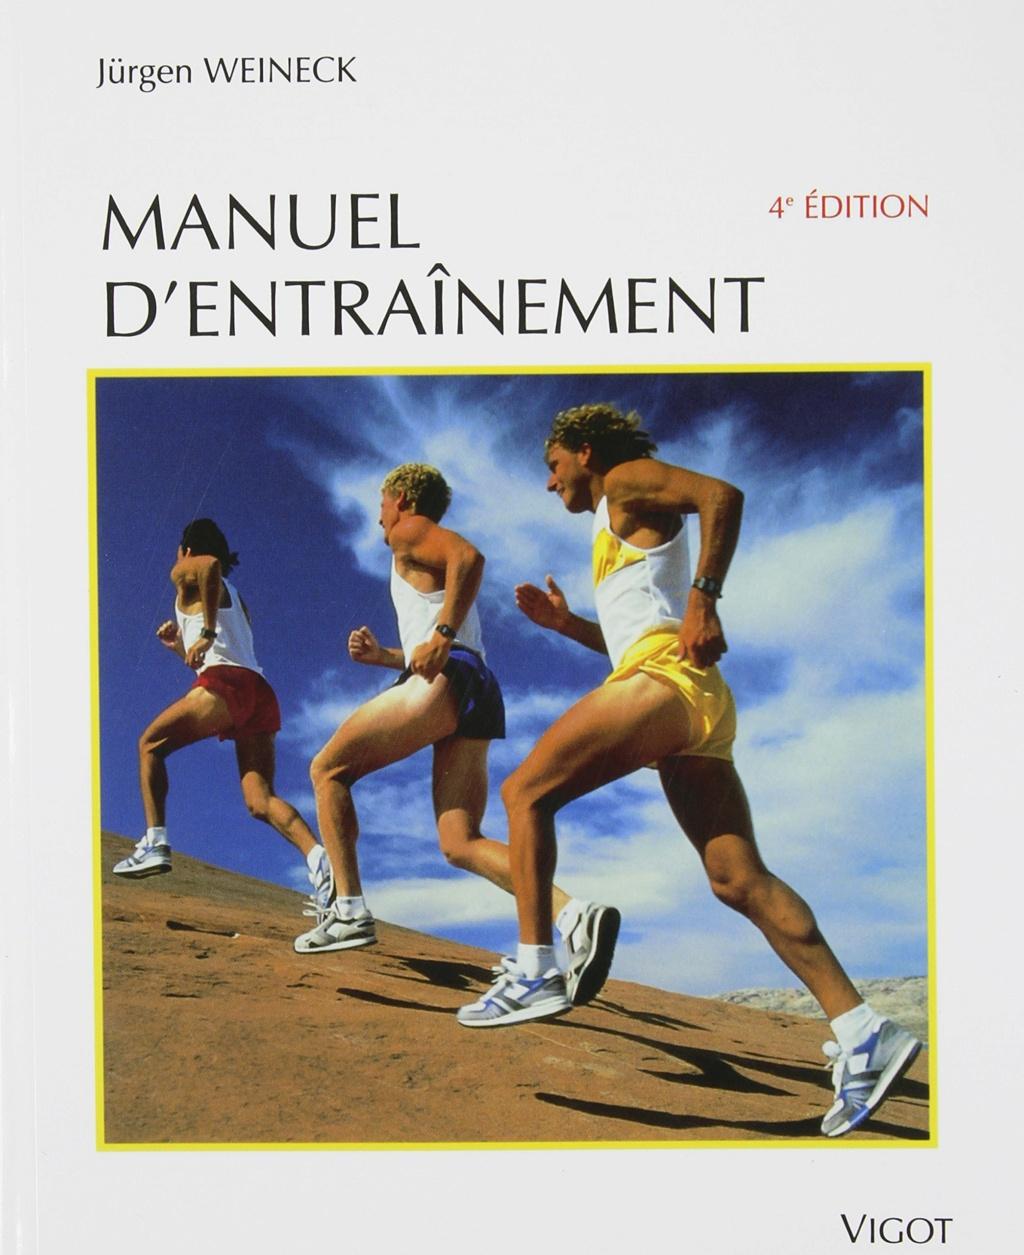 Jurgen Weineck - Manuel d'entrainement  91cqfx10